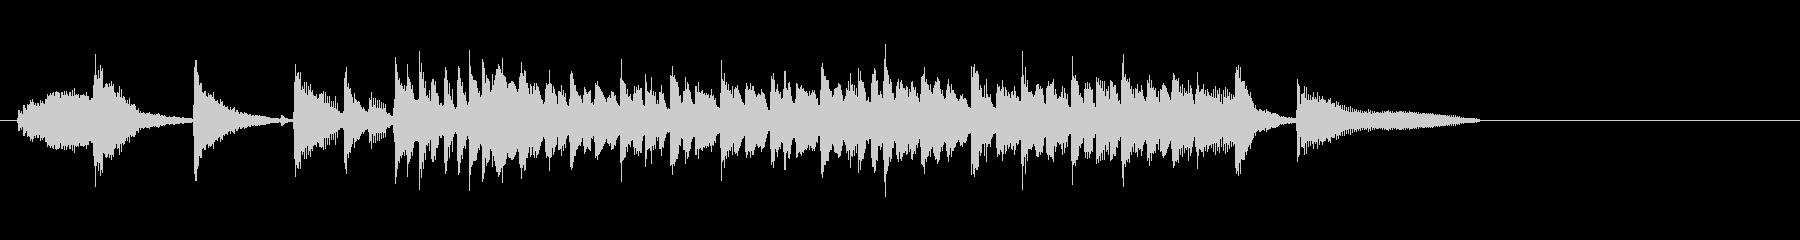 テーマ4A:ドラム、バス、ピアノの未再生の波形